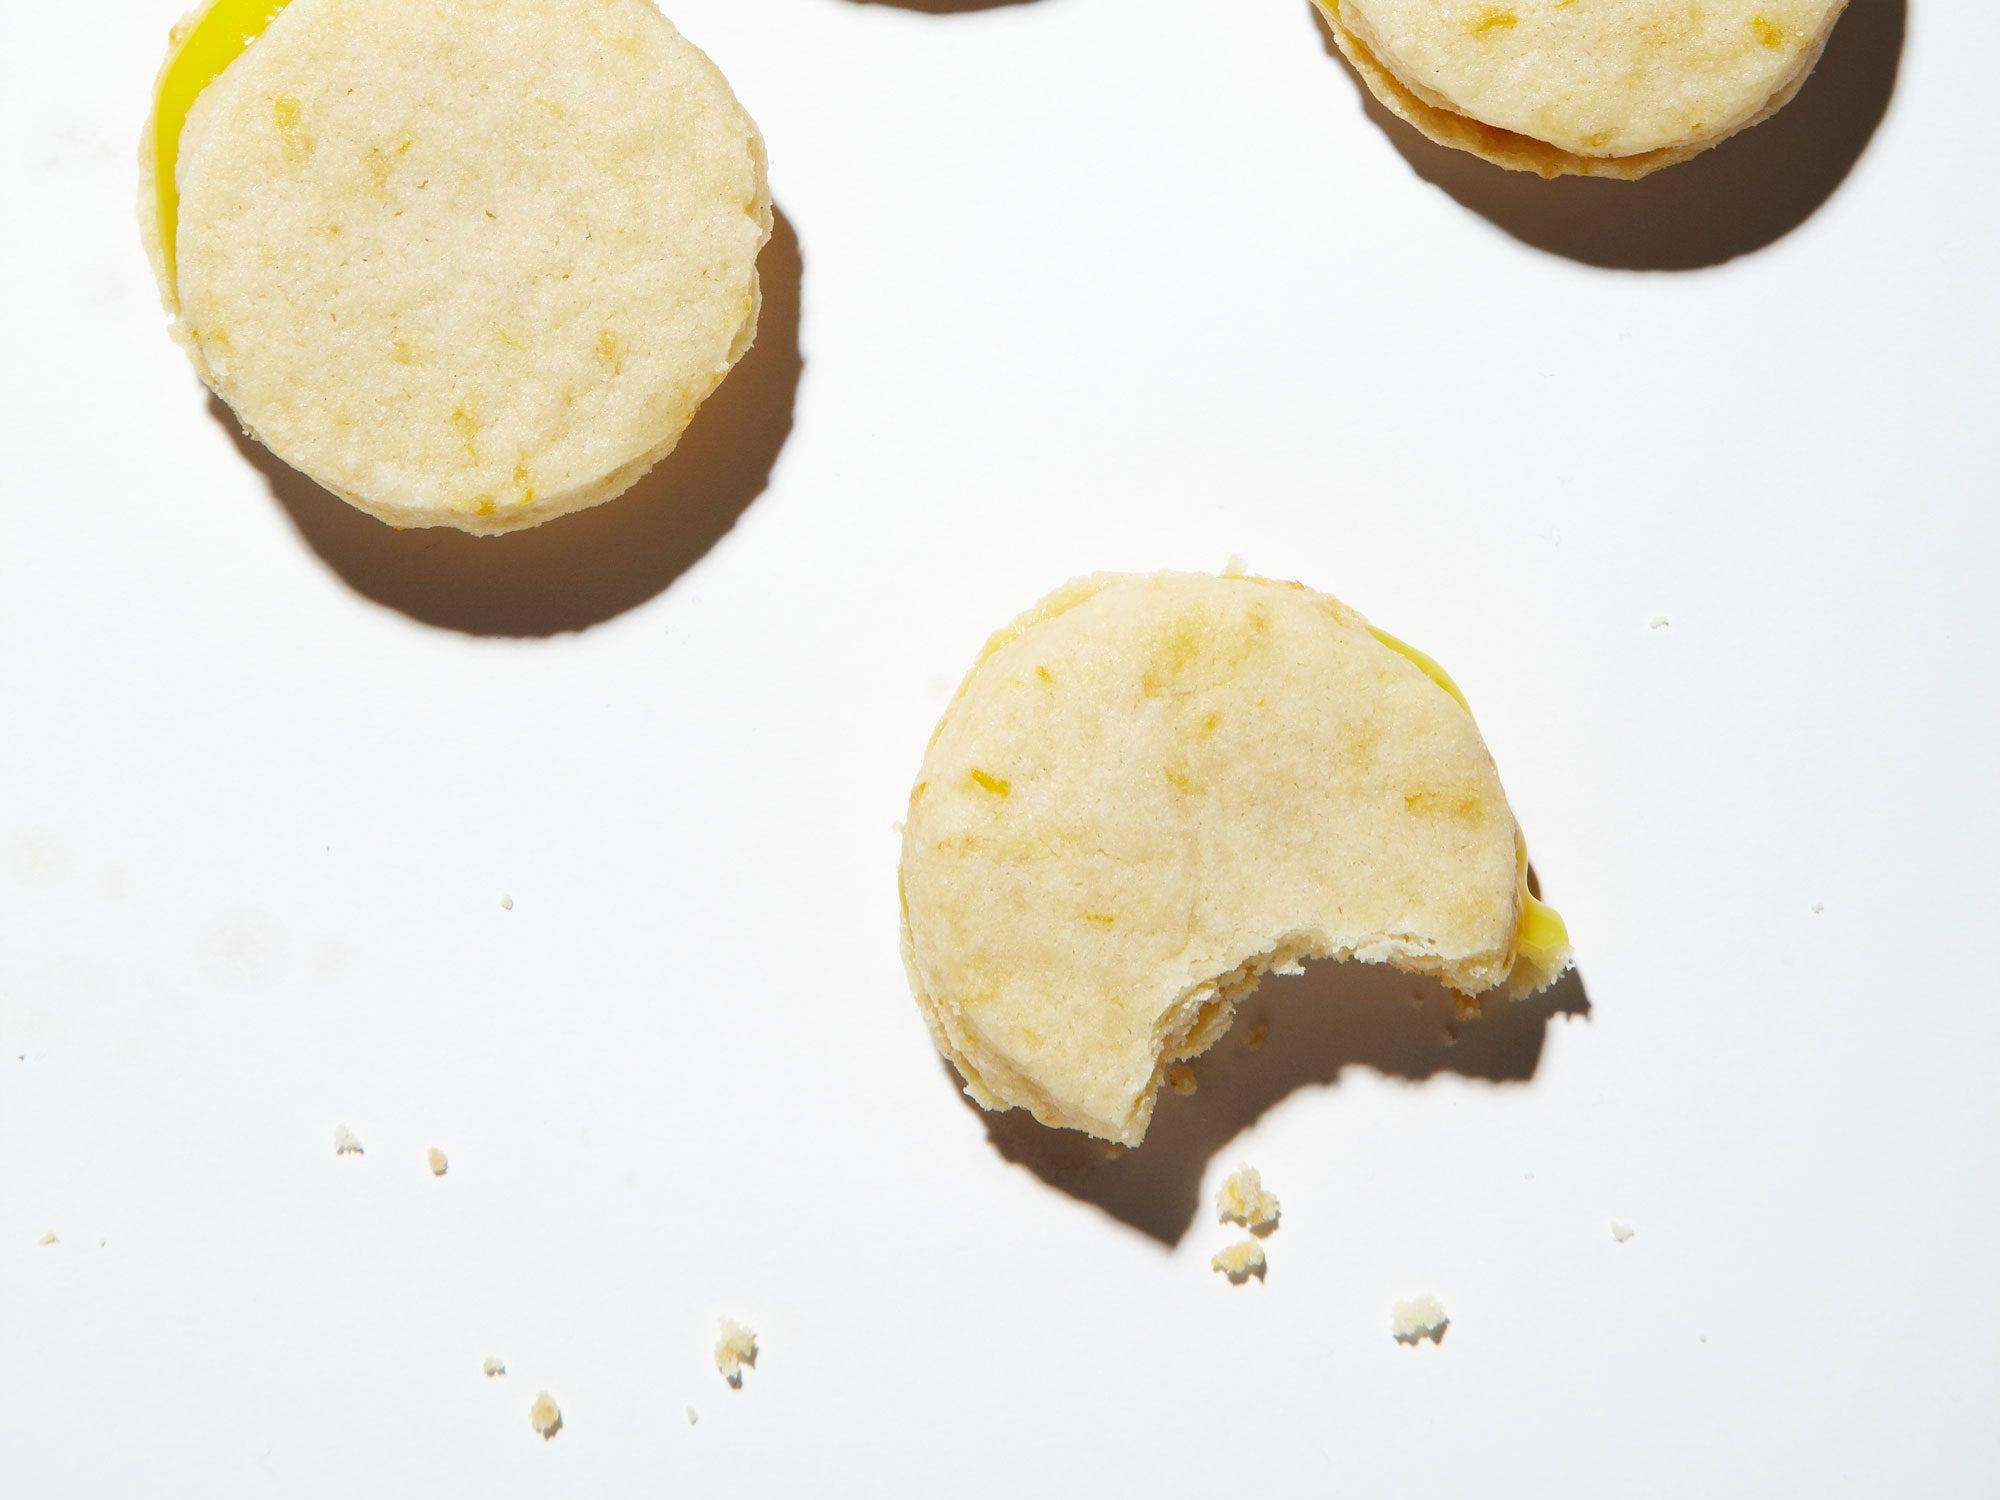 Meyer Lemon Sandwich Cookies